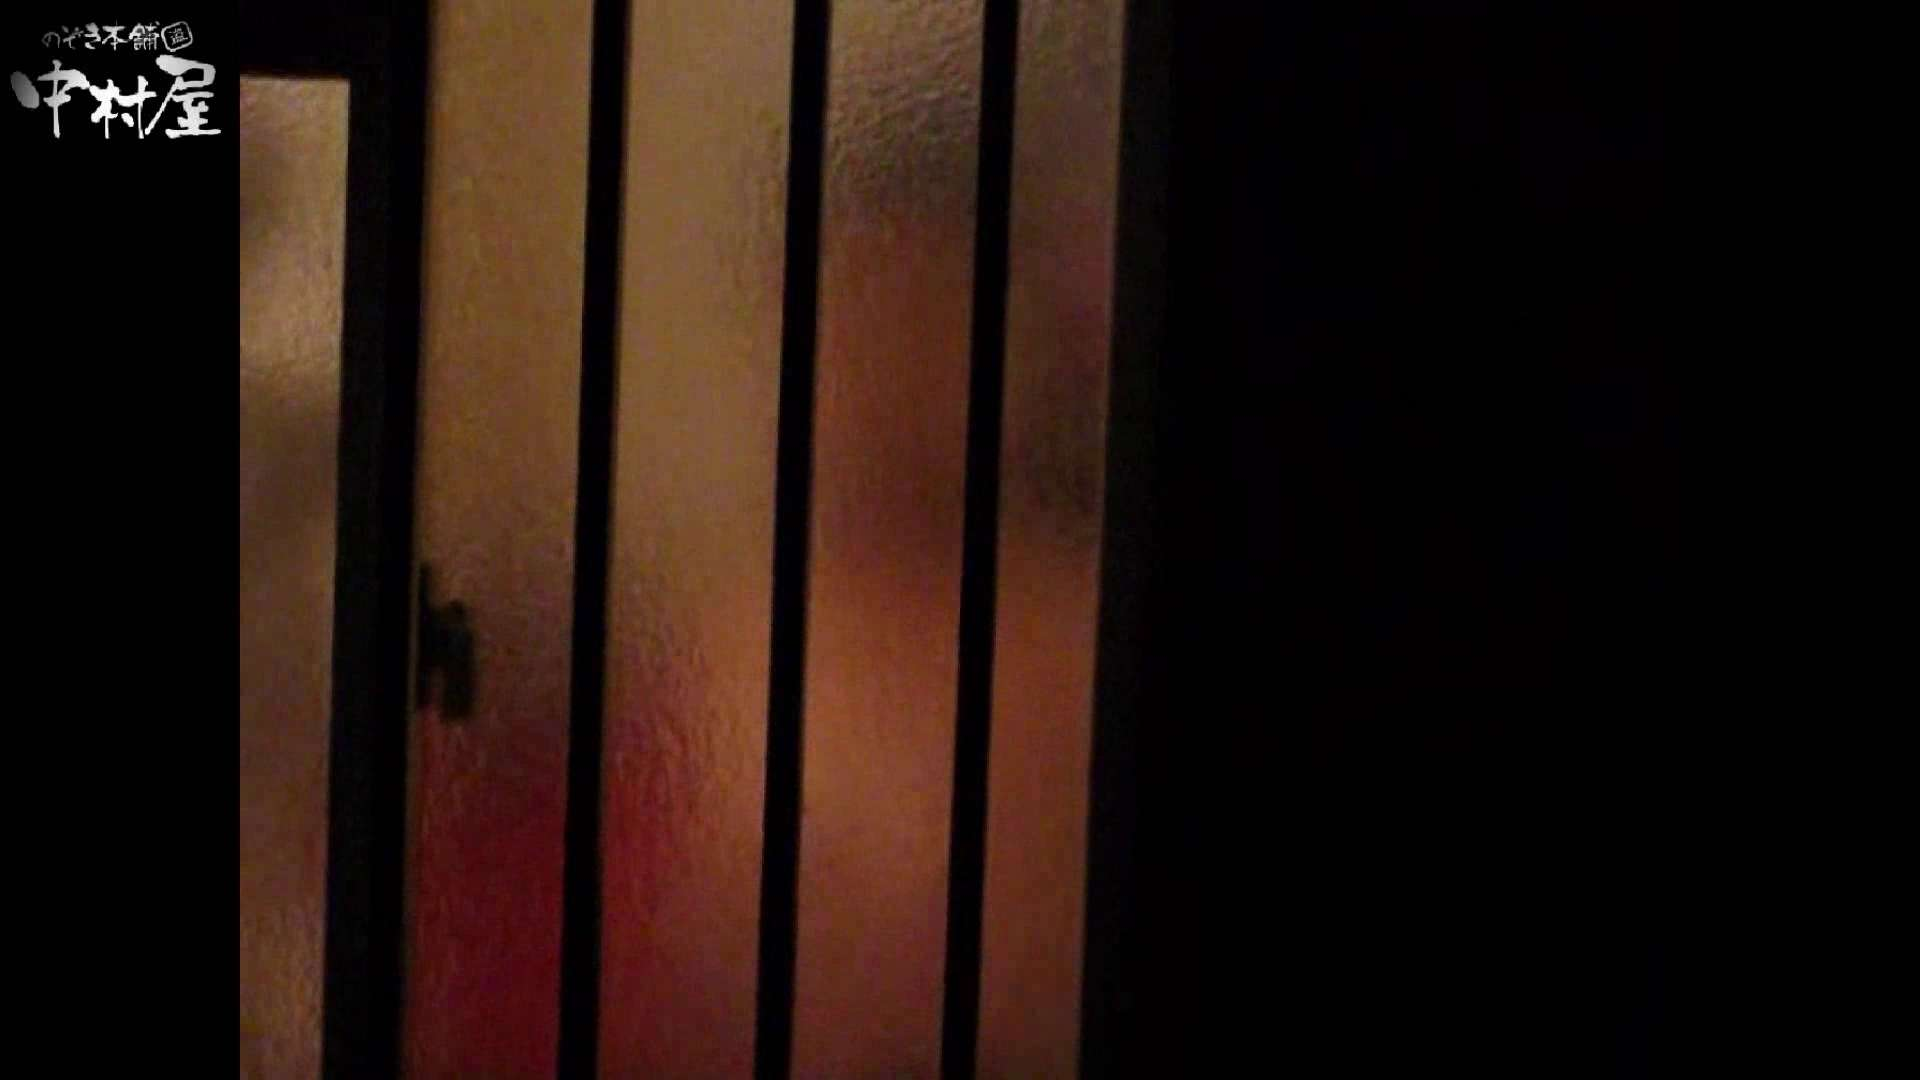 民家風呂専門盗撮師の超危険映像 vol.003 エロい美女 | オンナ達股間  9枚 6